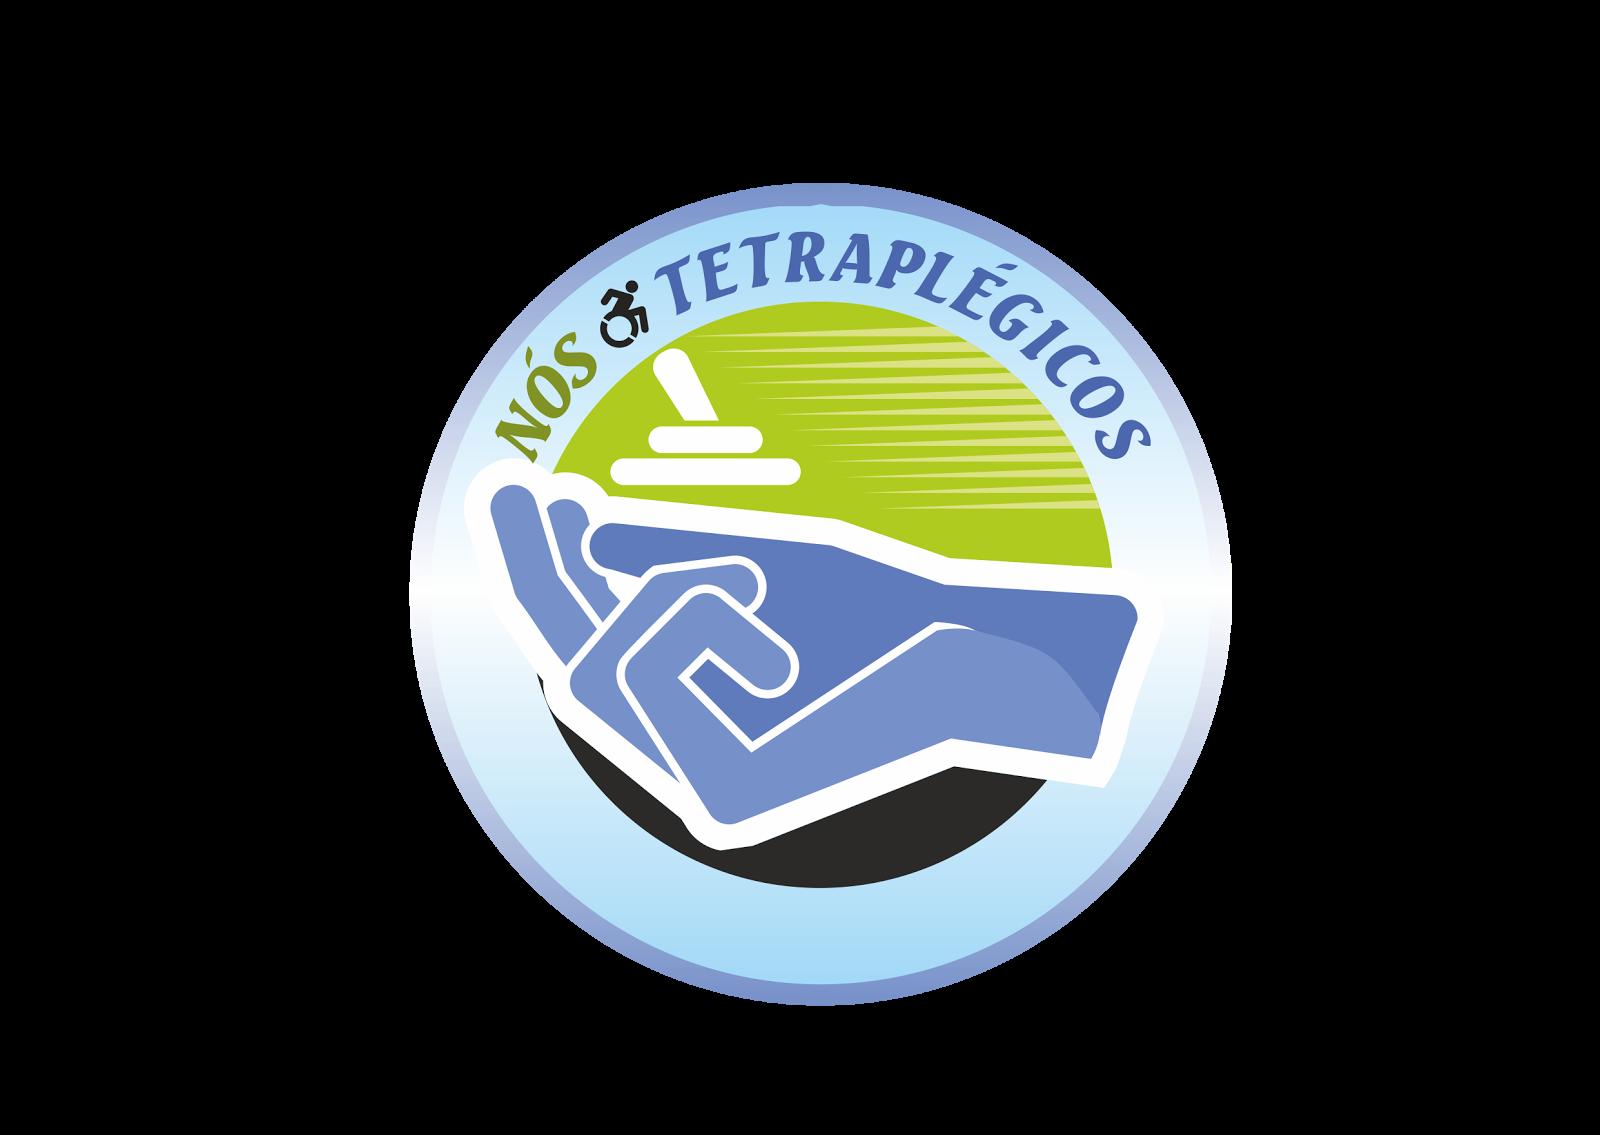 Nós Tetraplégicos